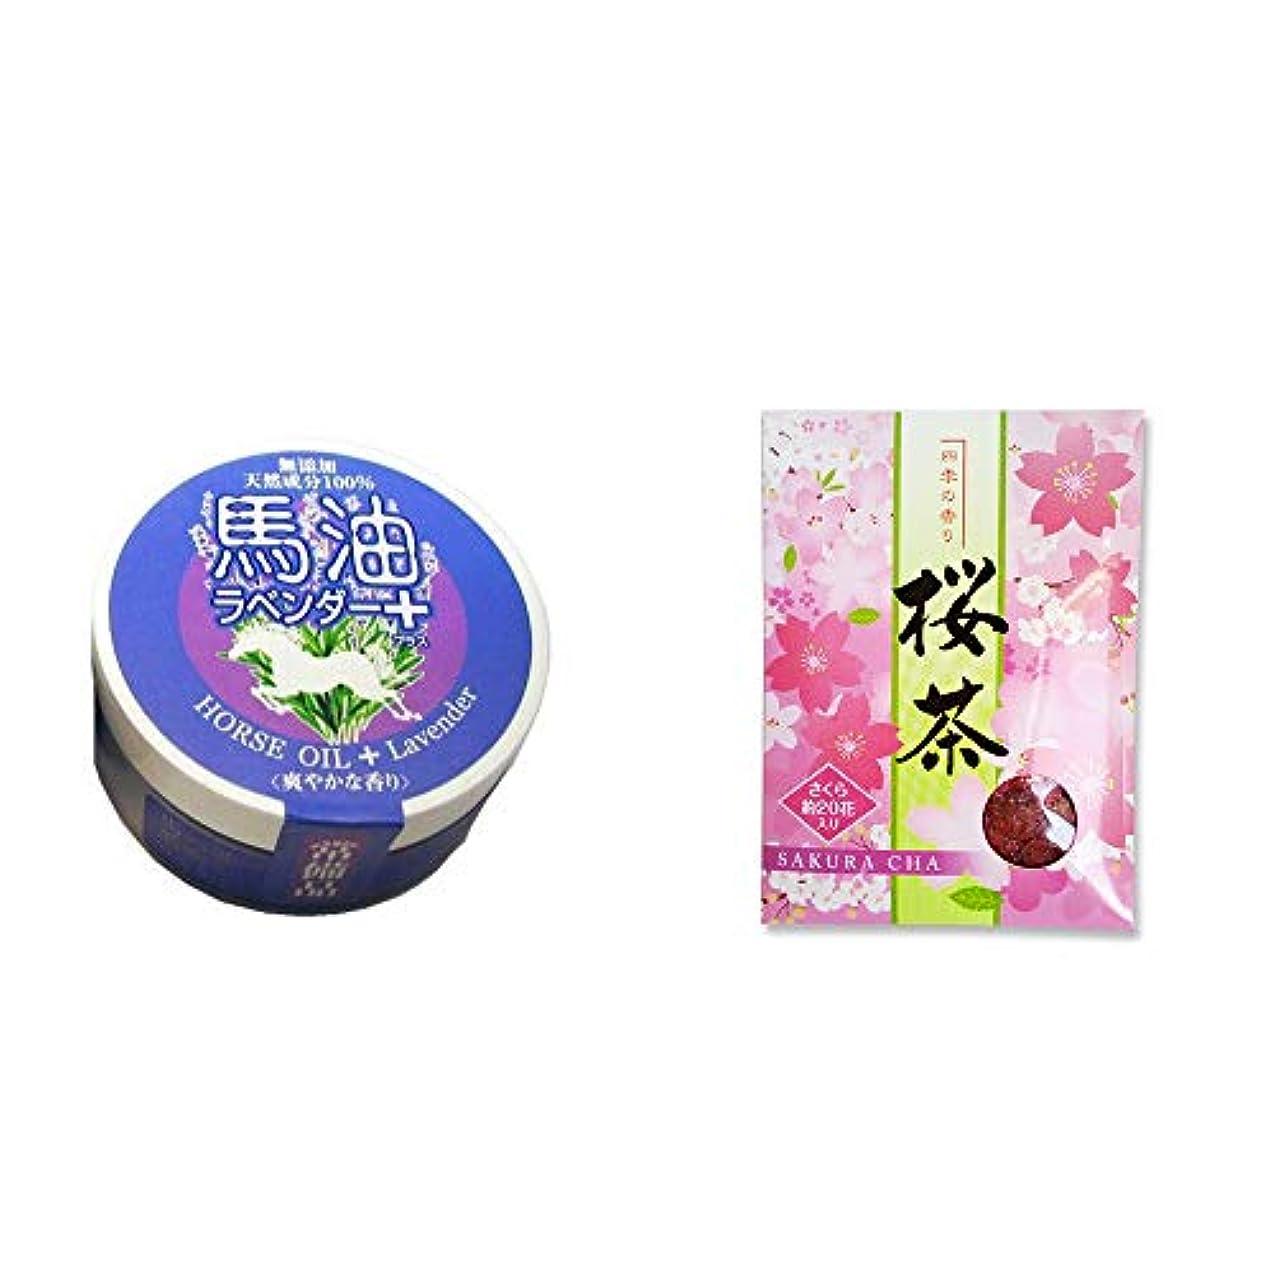 召喚するボーカル機転[2点セット] 無添加天然成分100% 馬油[ラベンダー](38g)?桜茶(40g)